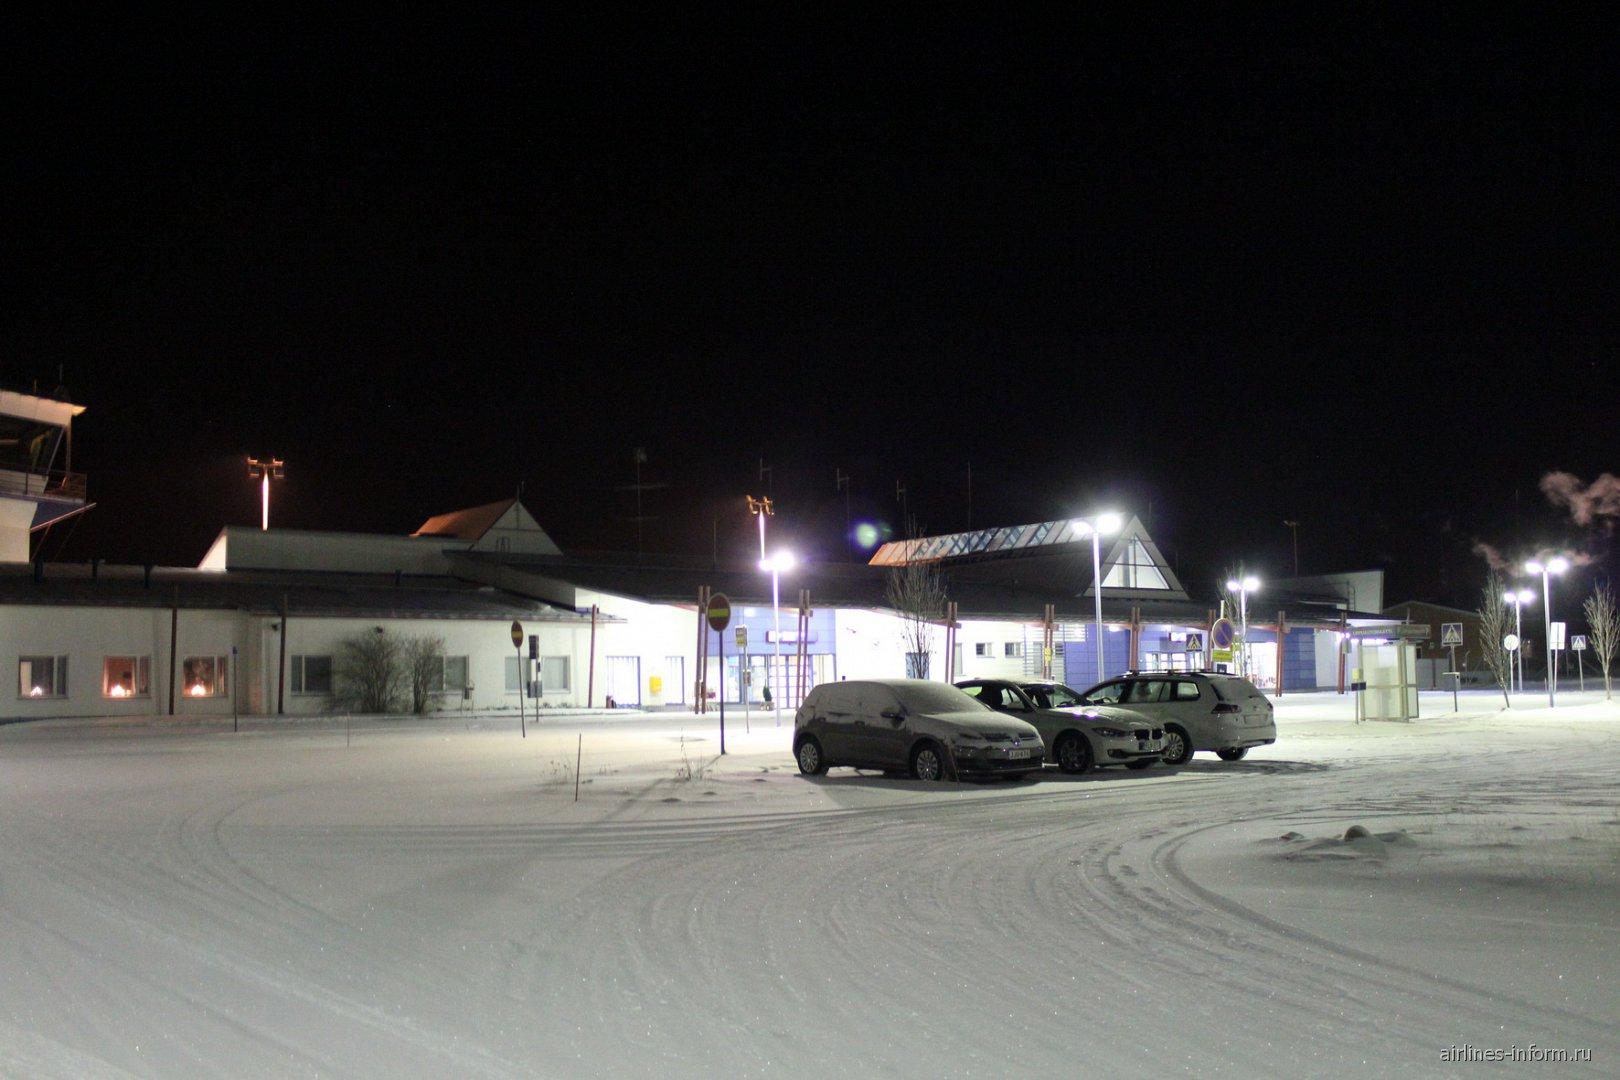 Привокзальная площадь аэропорта Каяни